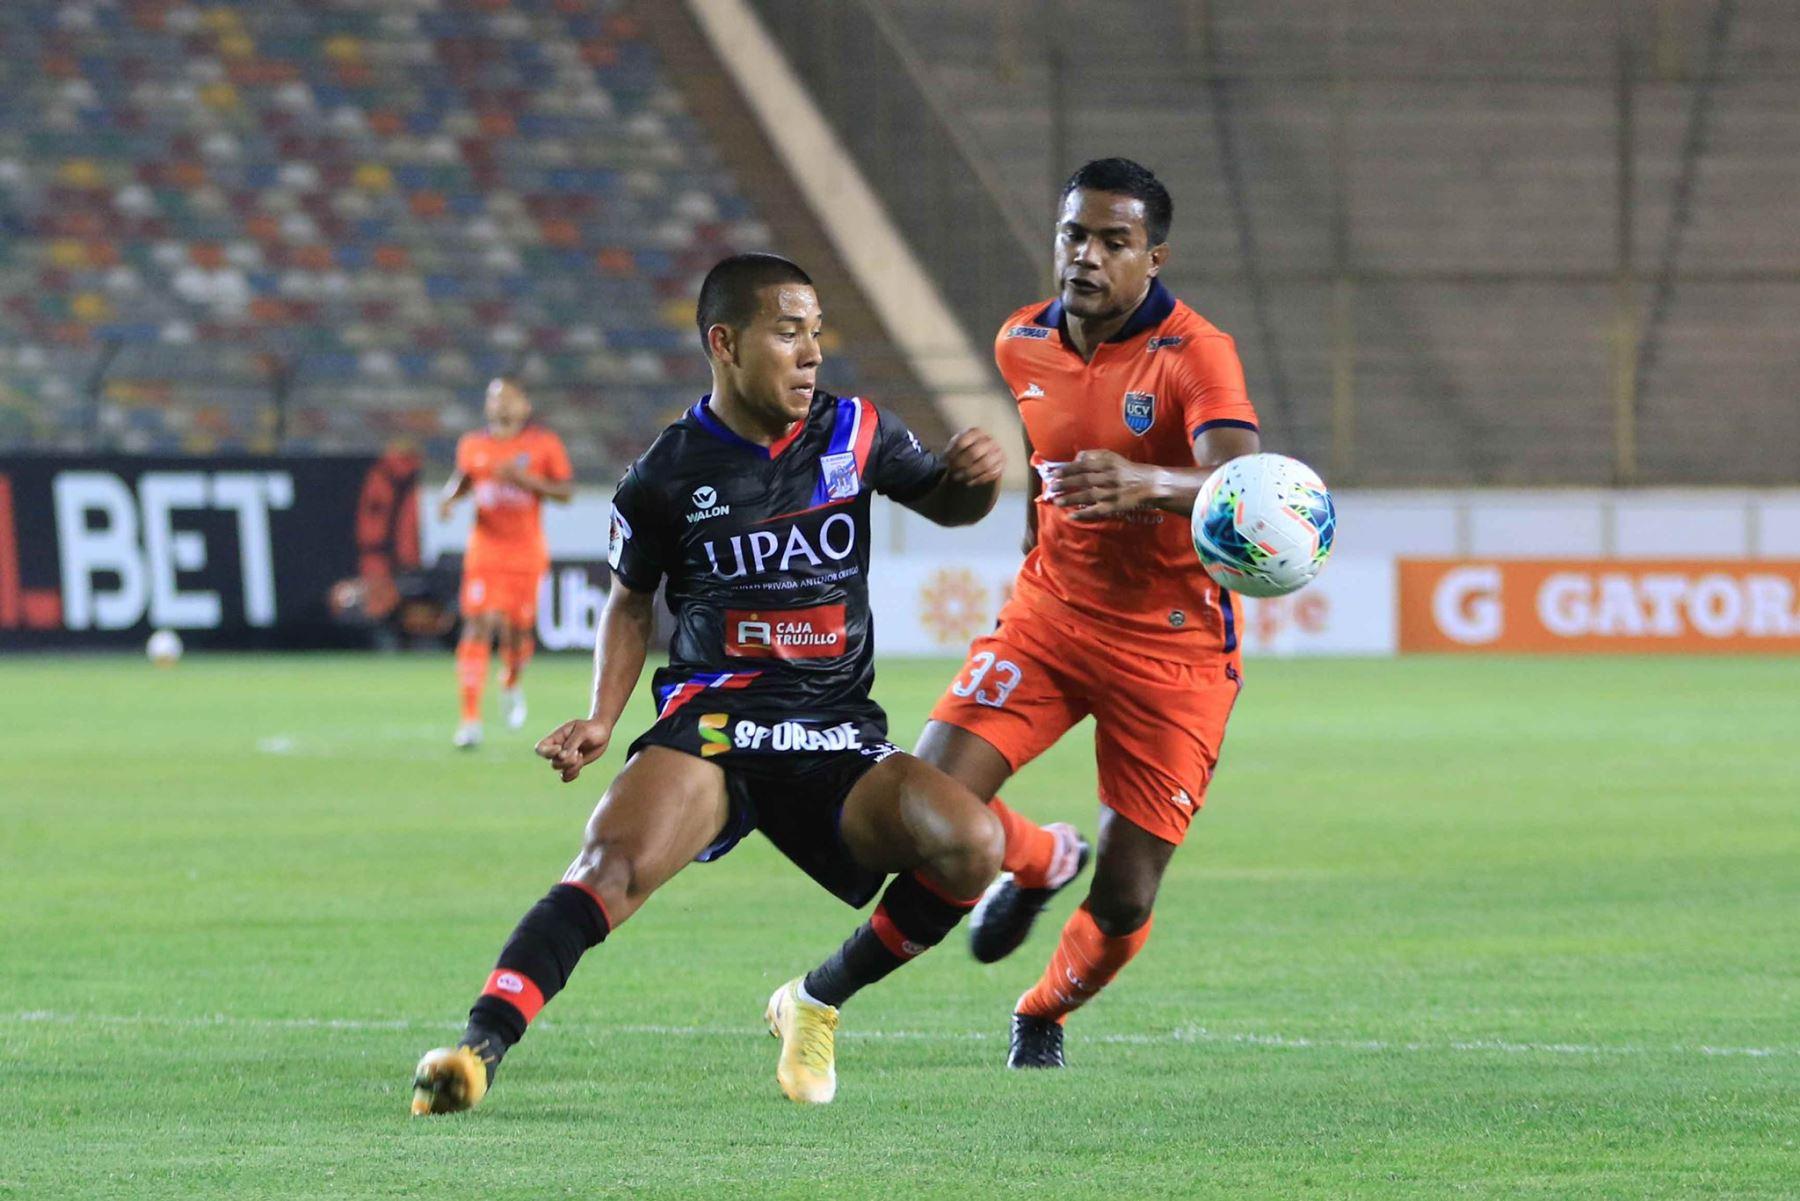 J. Vásquez de César Vallejo , disputa el balón ante el jugador de Manucci  por la cuarta fecha de la Liga 1, en el el estadio Monumental. Foto: Liga 1